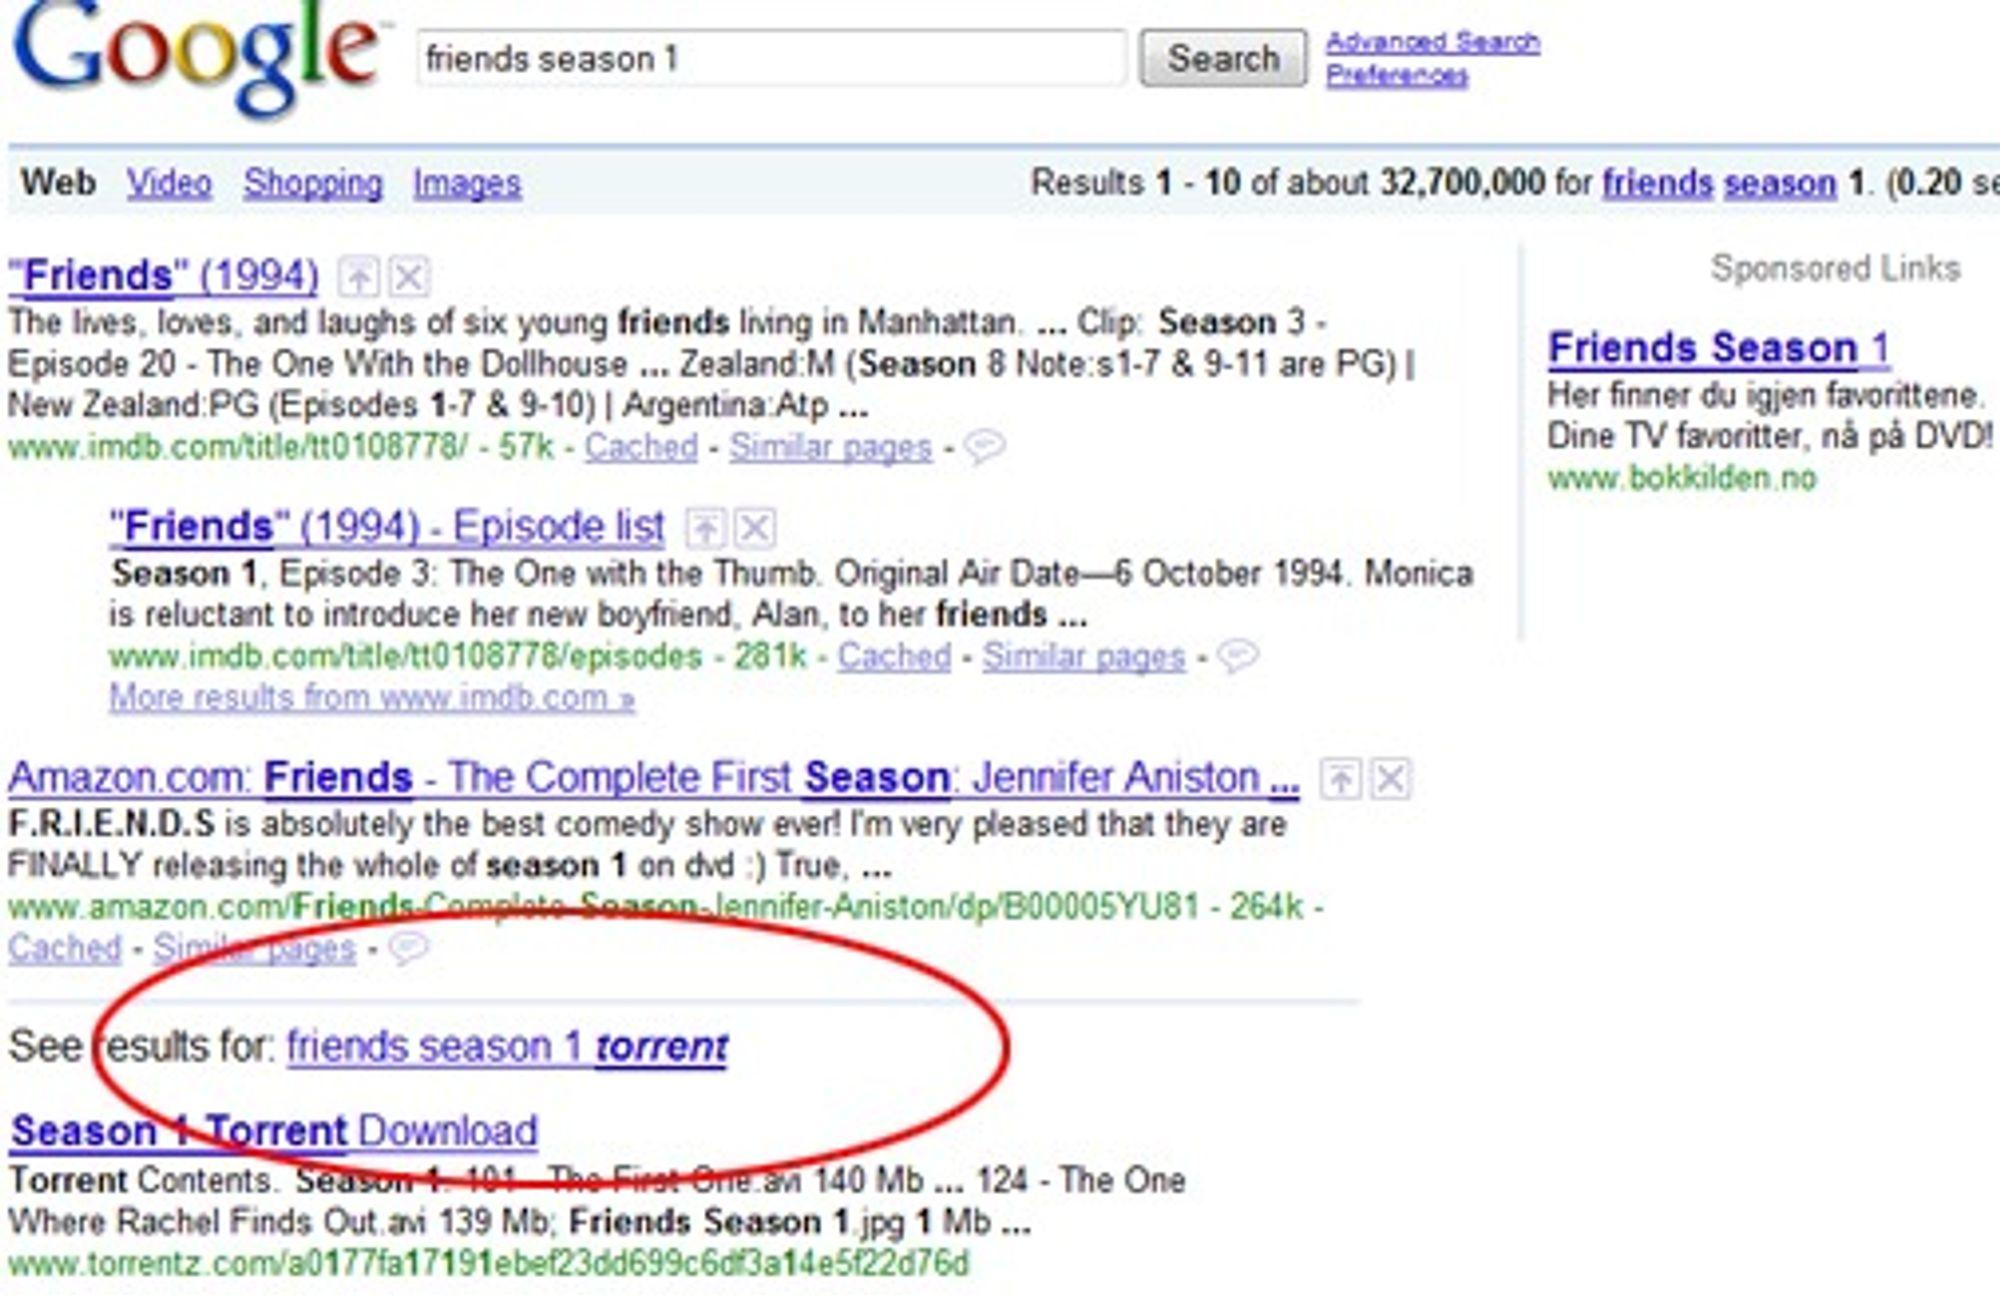 Google leverer både annonser til lovlig kjøp av tv-serien på DVD, samtidig som de anbefaler lenker til torrent-filer med det samme innholdet.